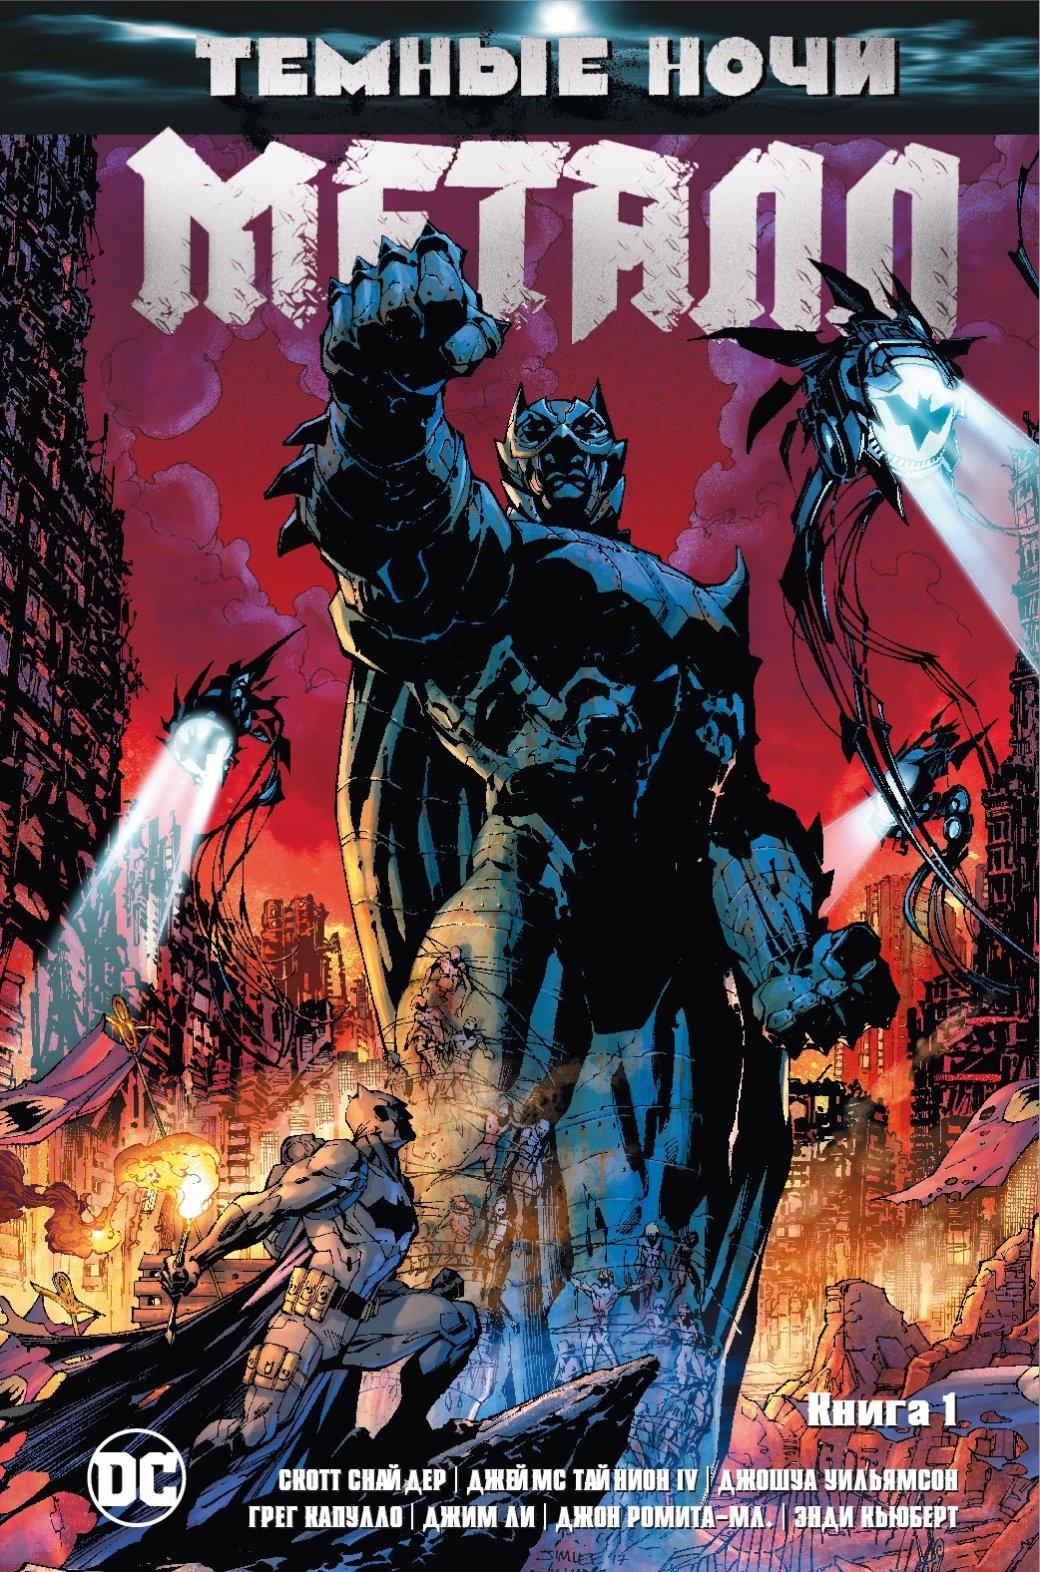 Бэтмен иLumen: как российская группа написала музыку для комикса озлых Темных рыцарях | Канобу - Изображение 5644